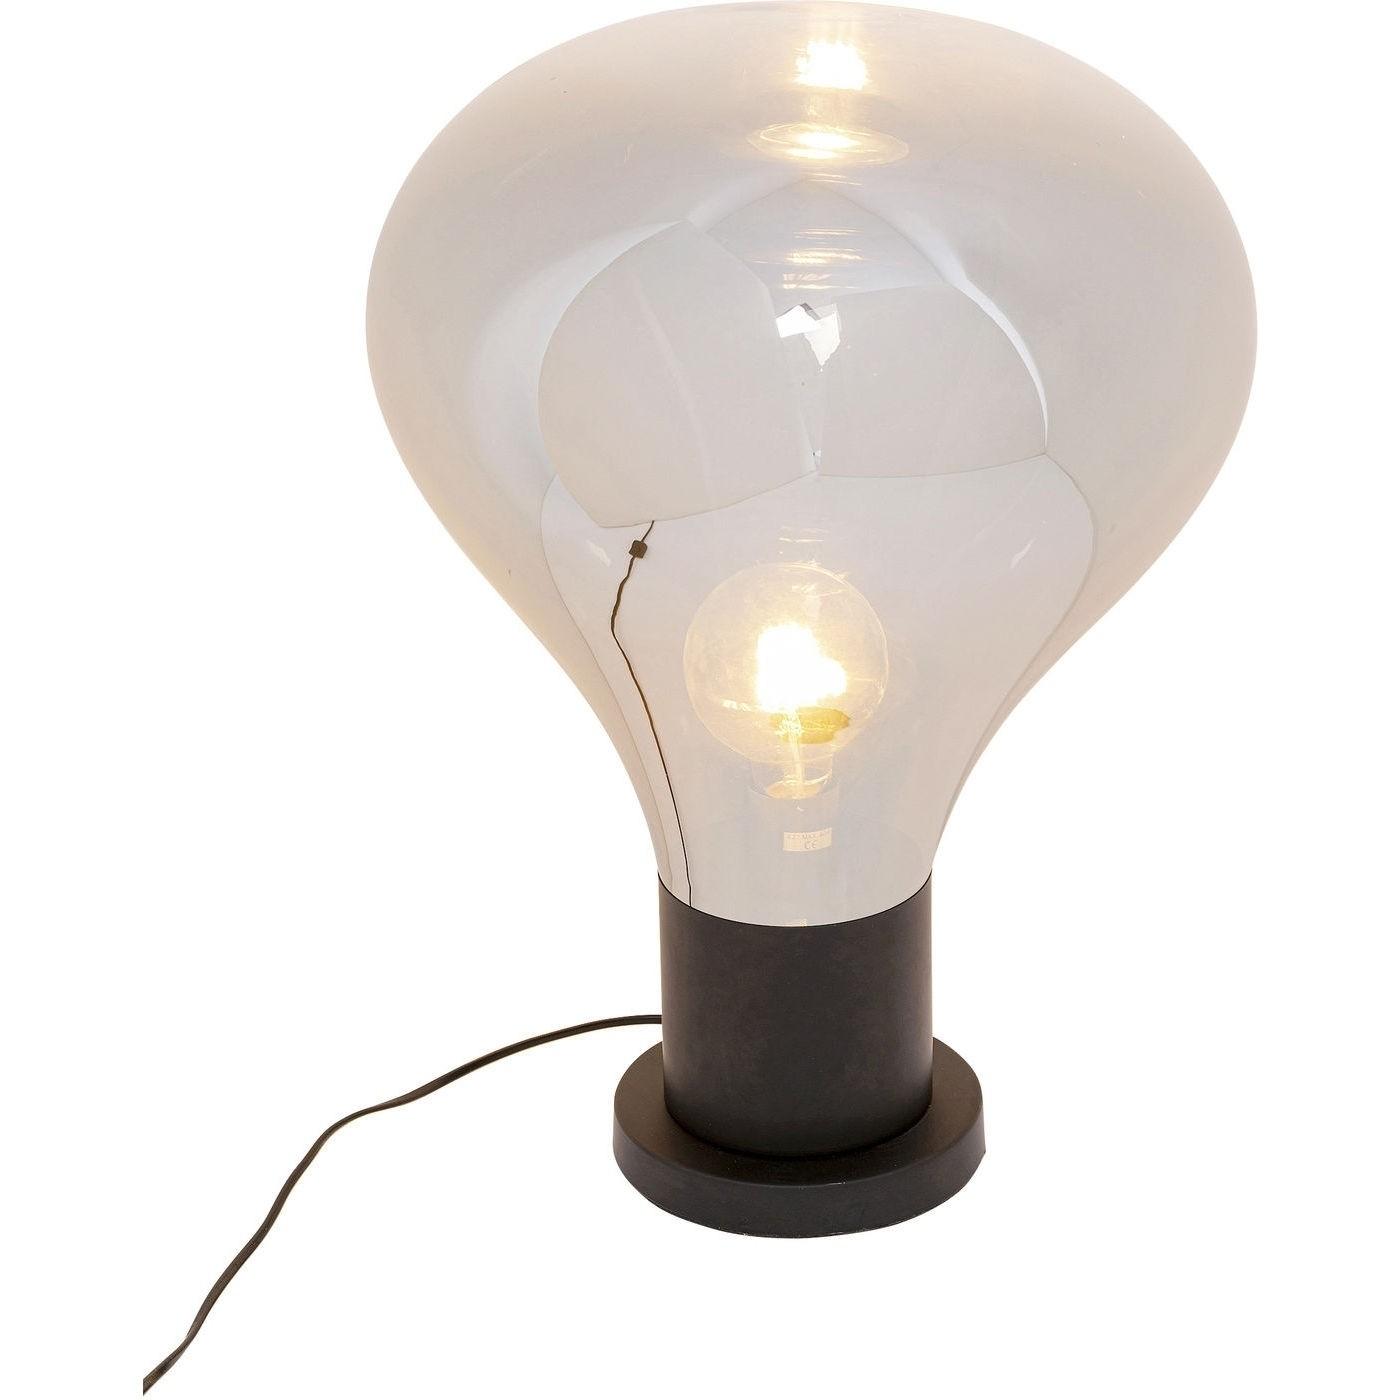 kare design Kare design pear black bordlampe - glas og stål (h:53cm) fra boboonline.dk